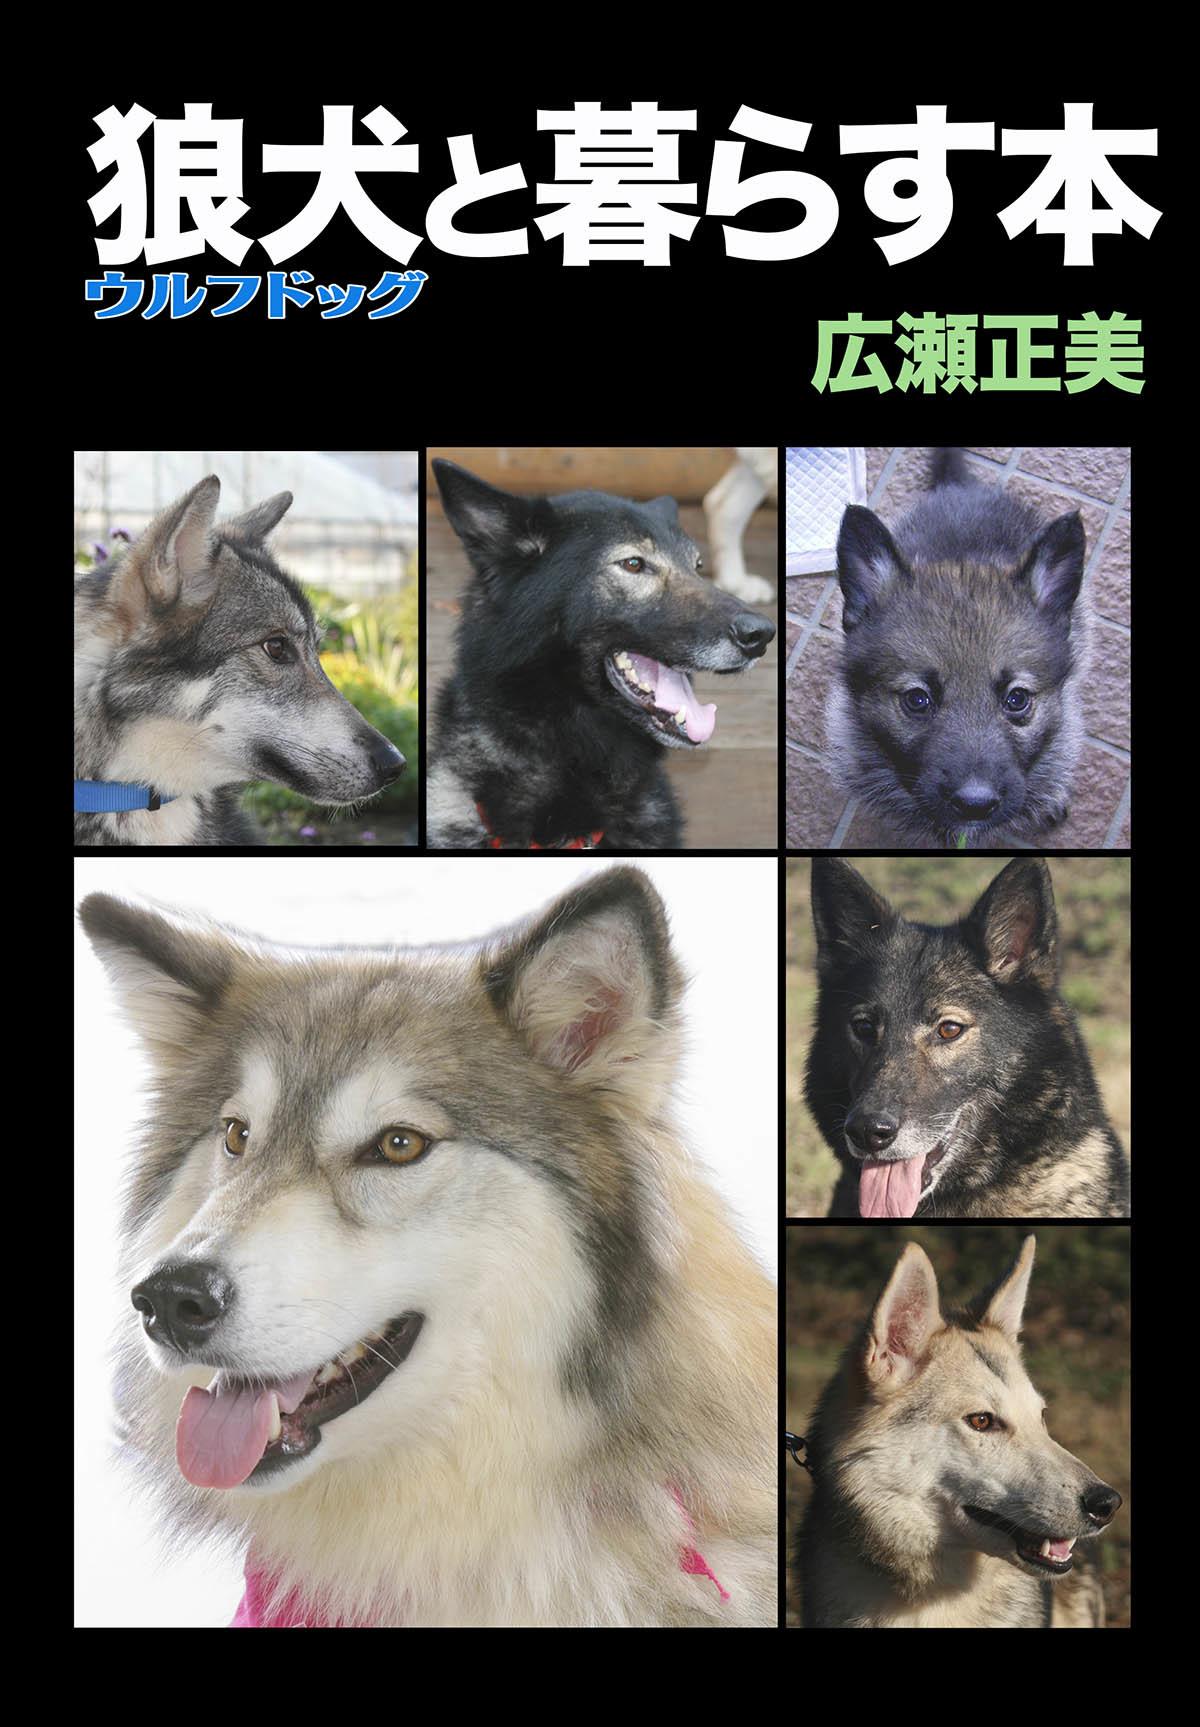 2018_工房斑狼_07